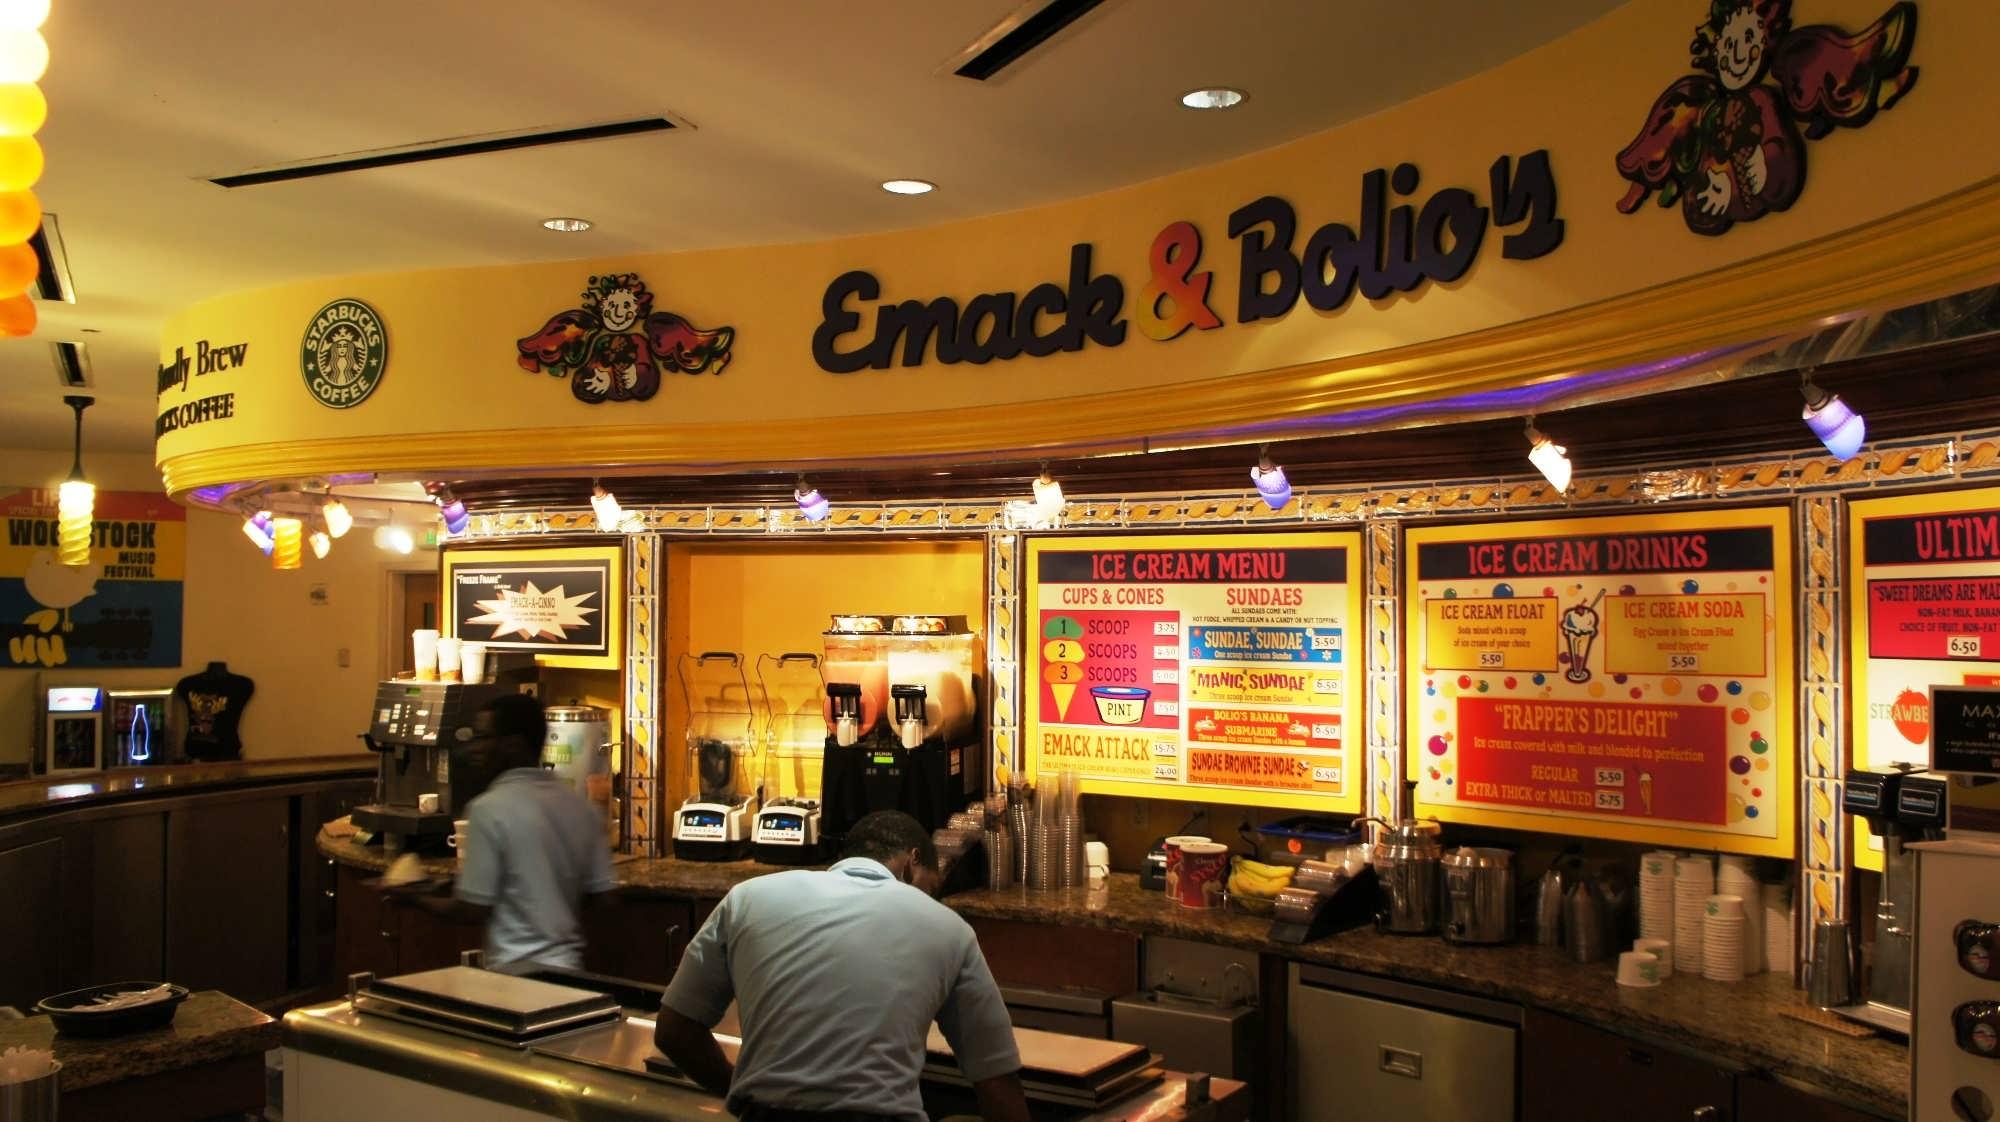 Hard Rock Hotel Orlando's Emack & Bolio's Marketplace